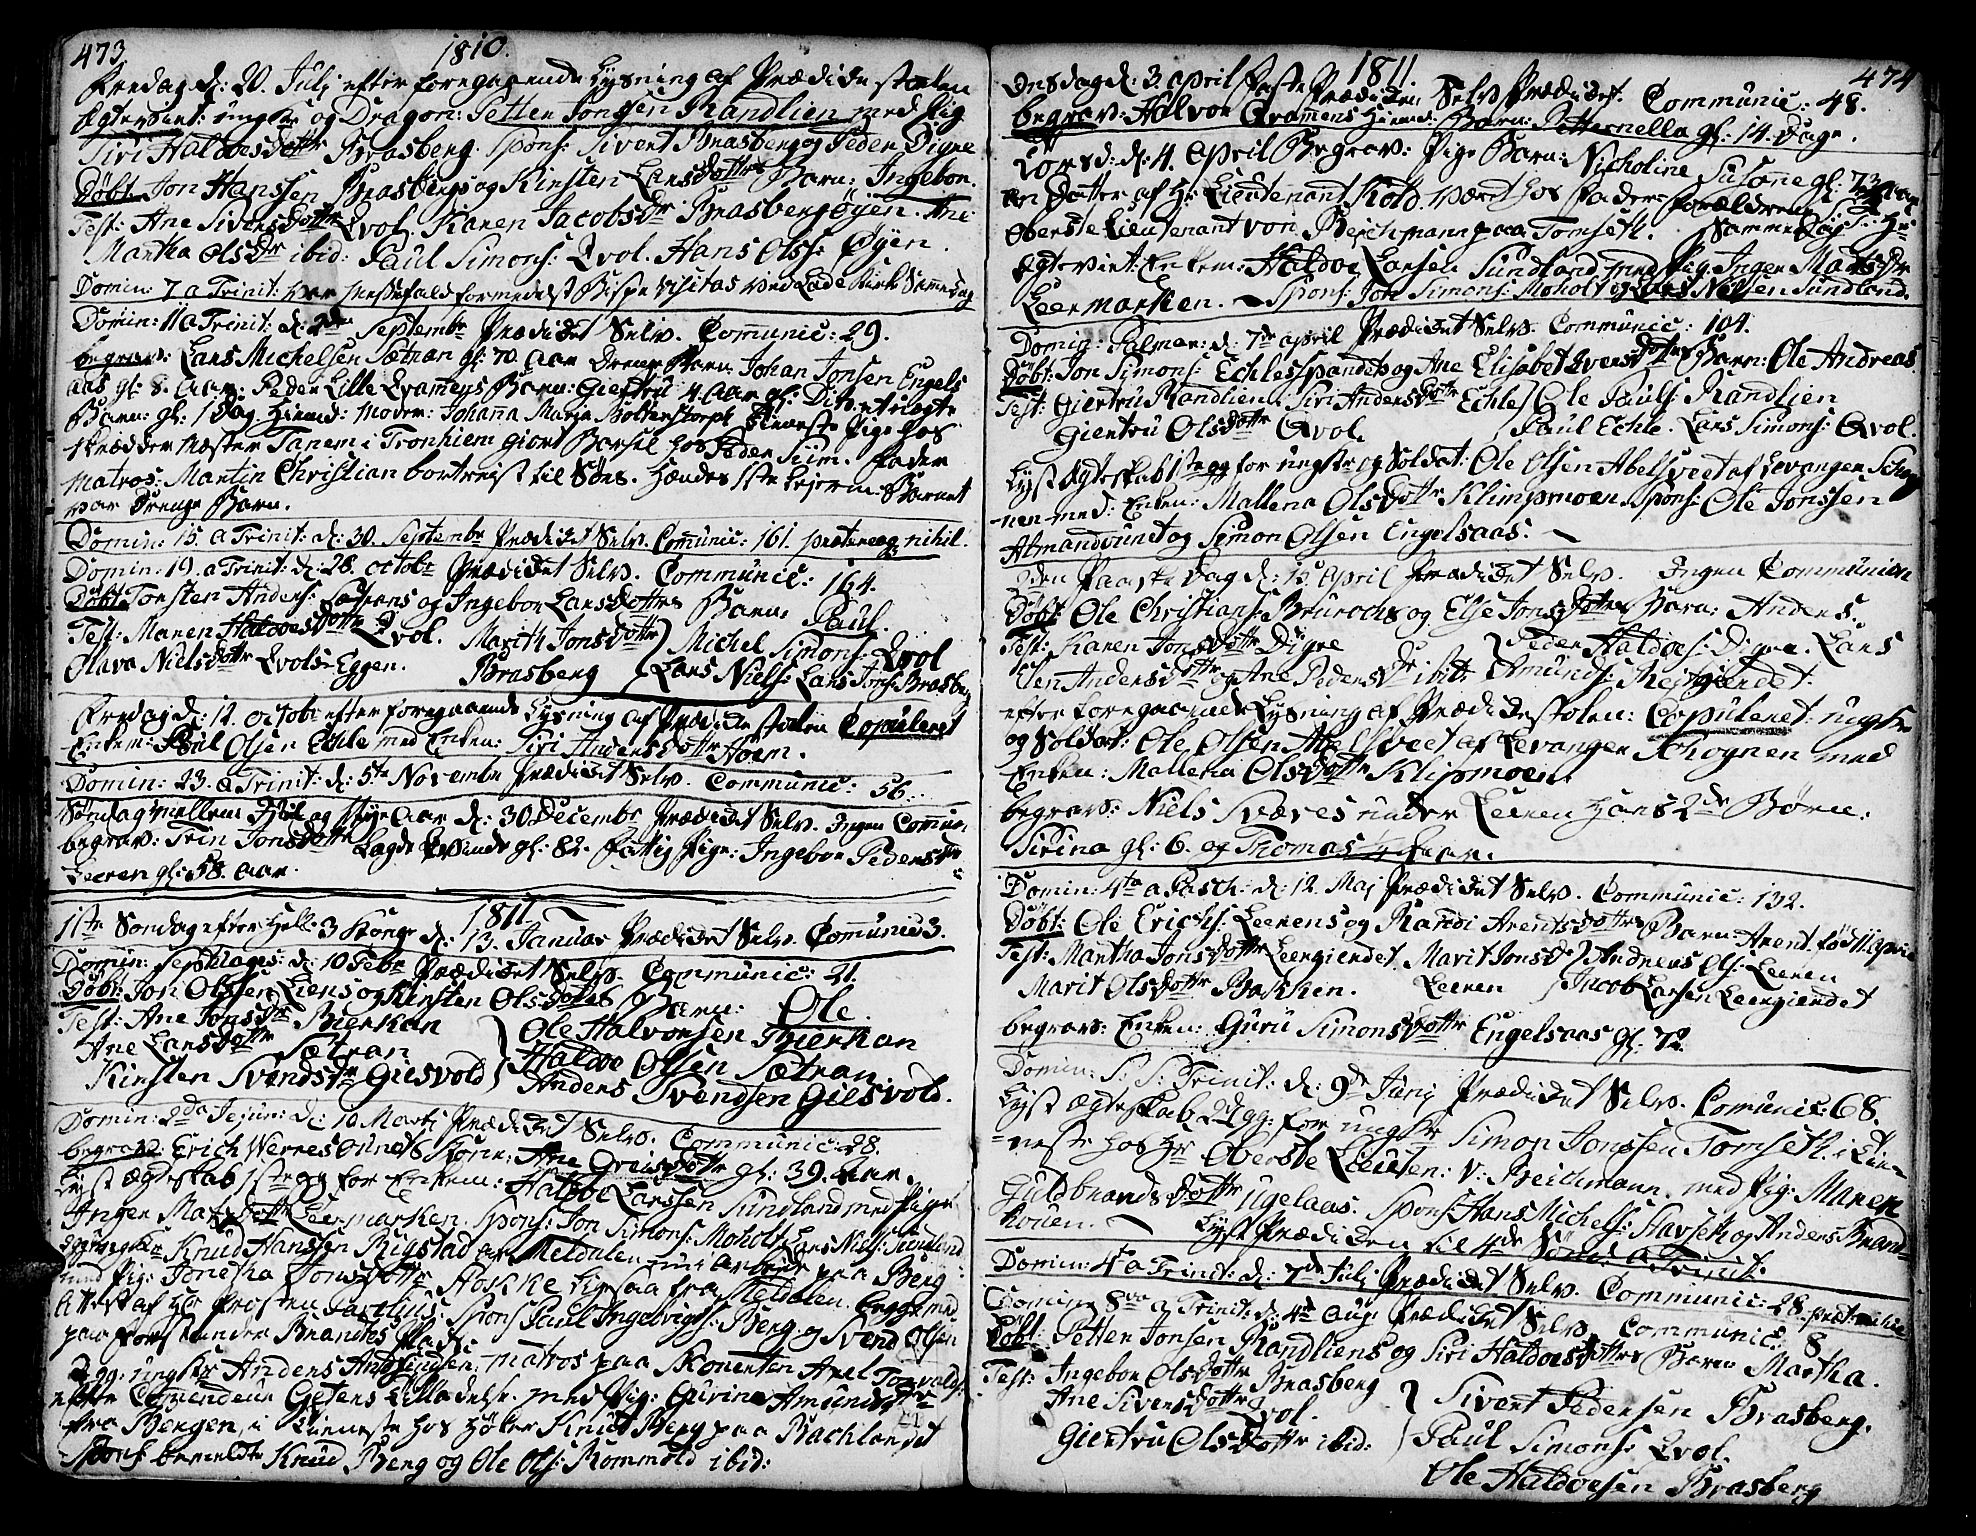 SAT, Ministerialprotokoller, klokkerbøker og fødselsregistre - Sør-Trøndelag, 606/L0282: Ministerialbok nr. 606A02 /3, 1781-1817, s. 473-474